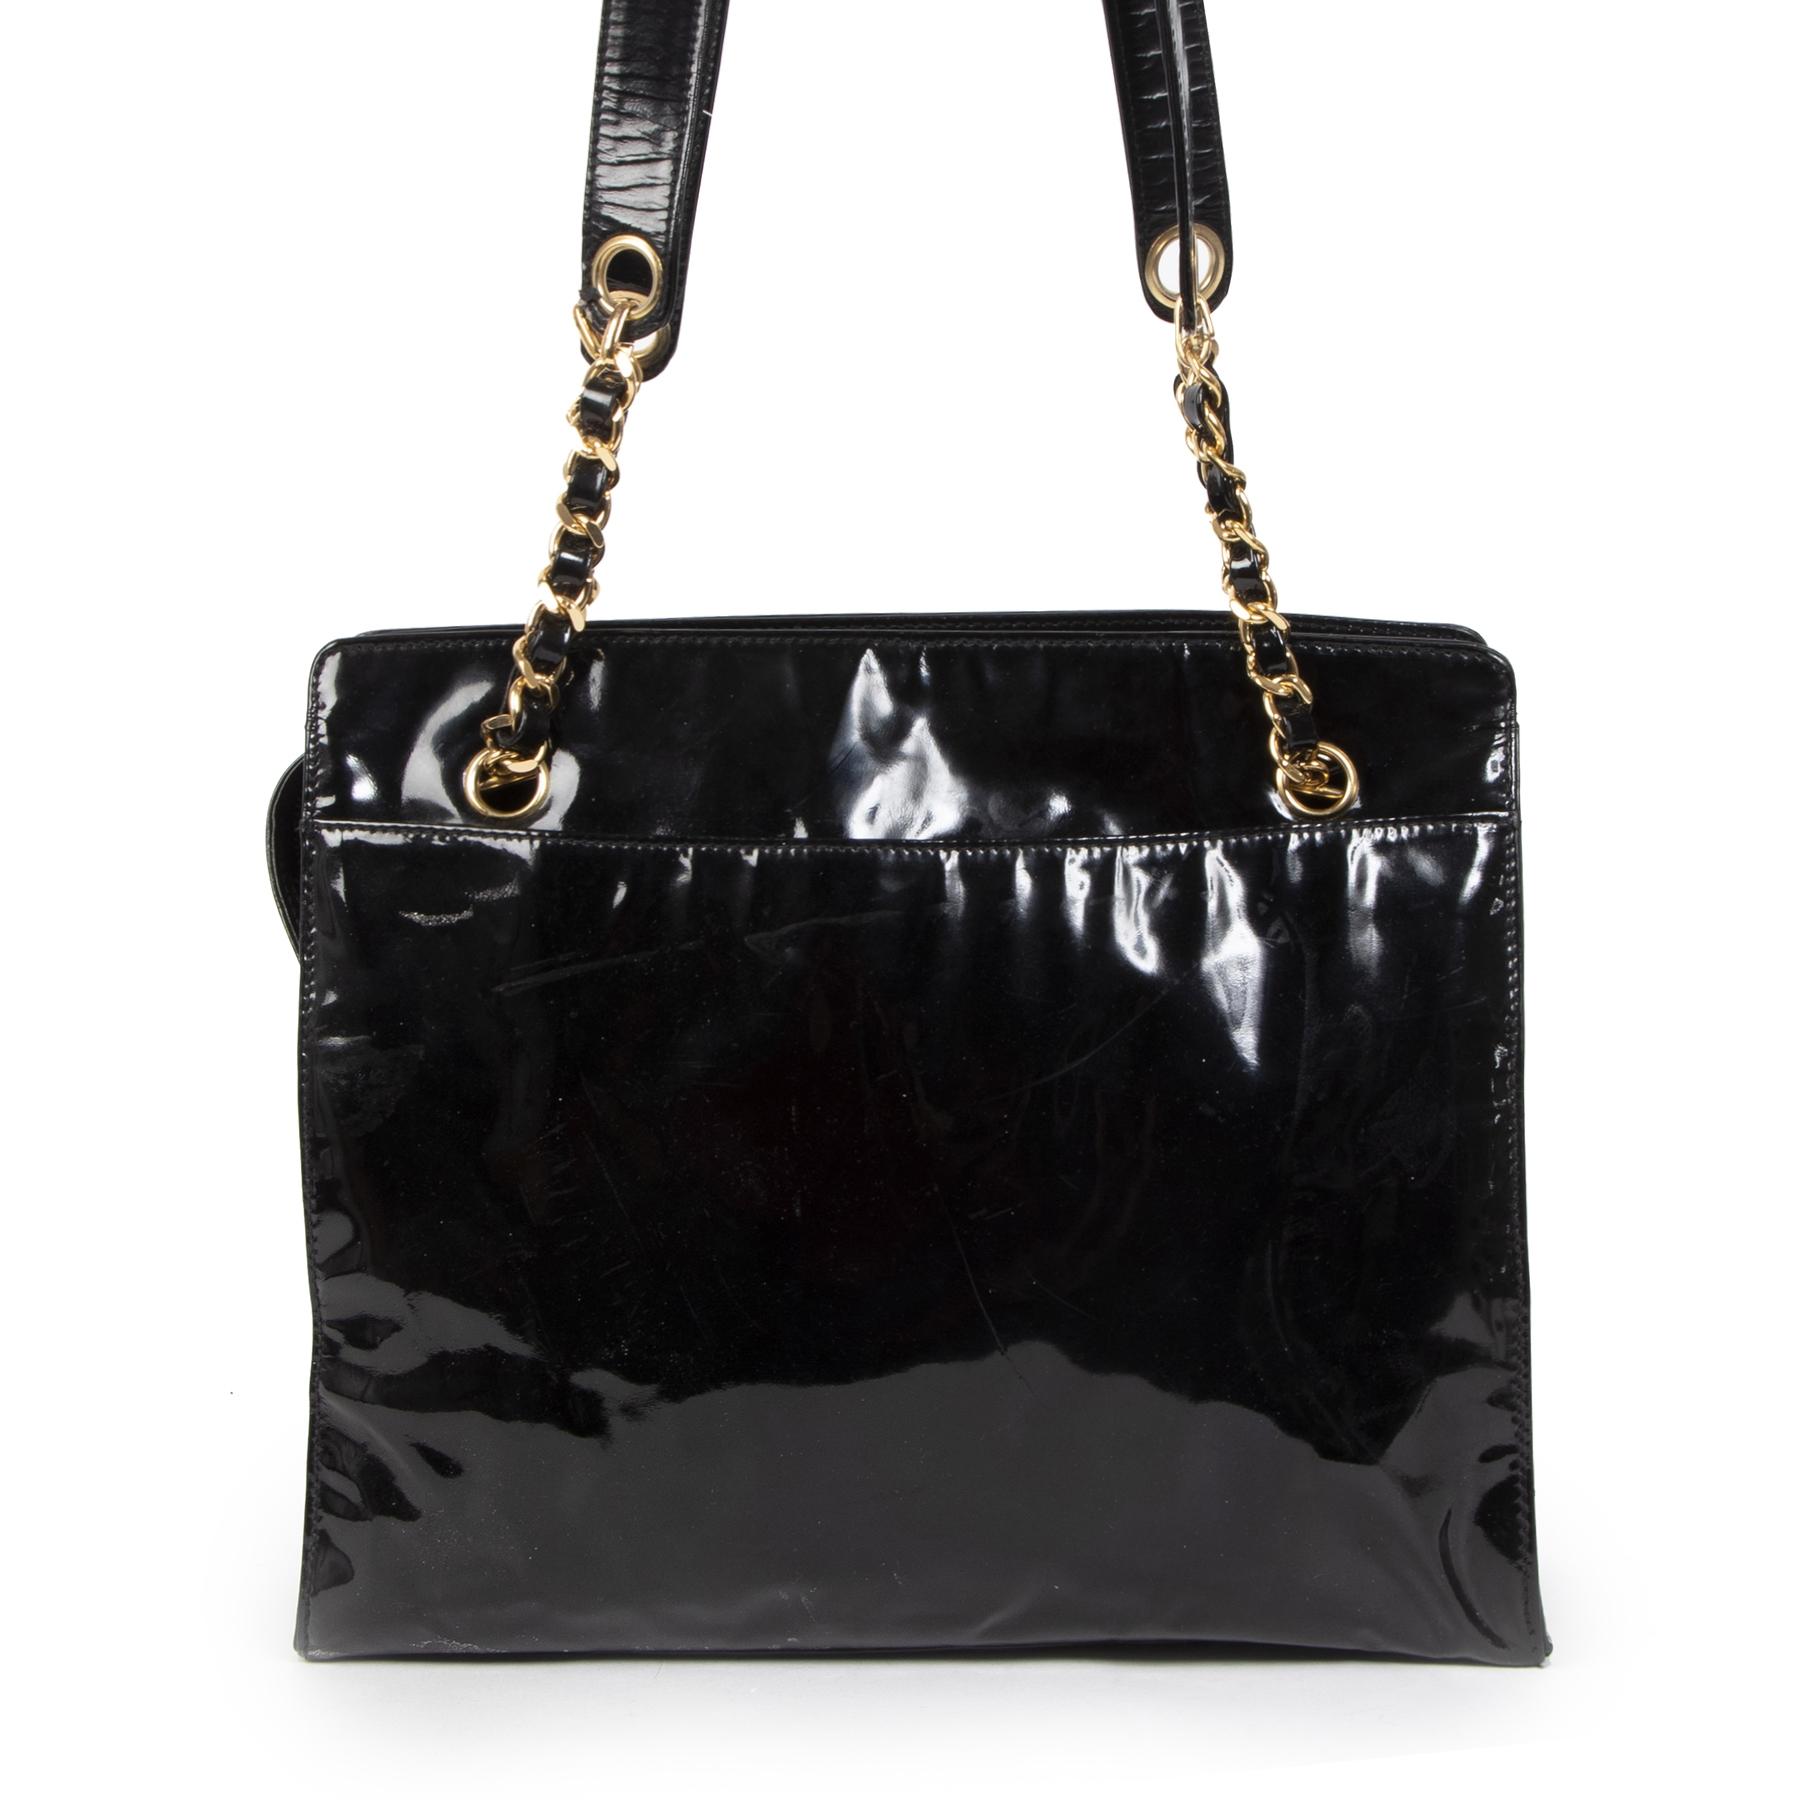 Koop authentieke tweedehands Chanel Black Patent CC Shoulder Bag aan de juiste prijs online in alle veiligheid bij labelLOV Antwerpen België